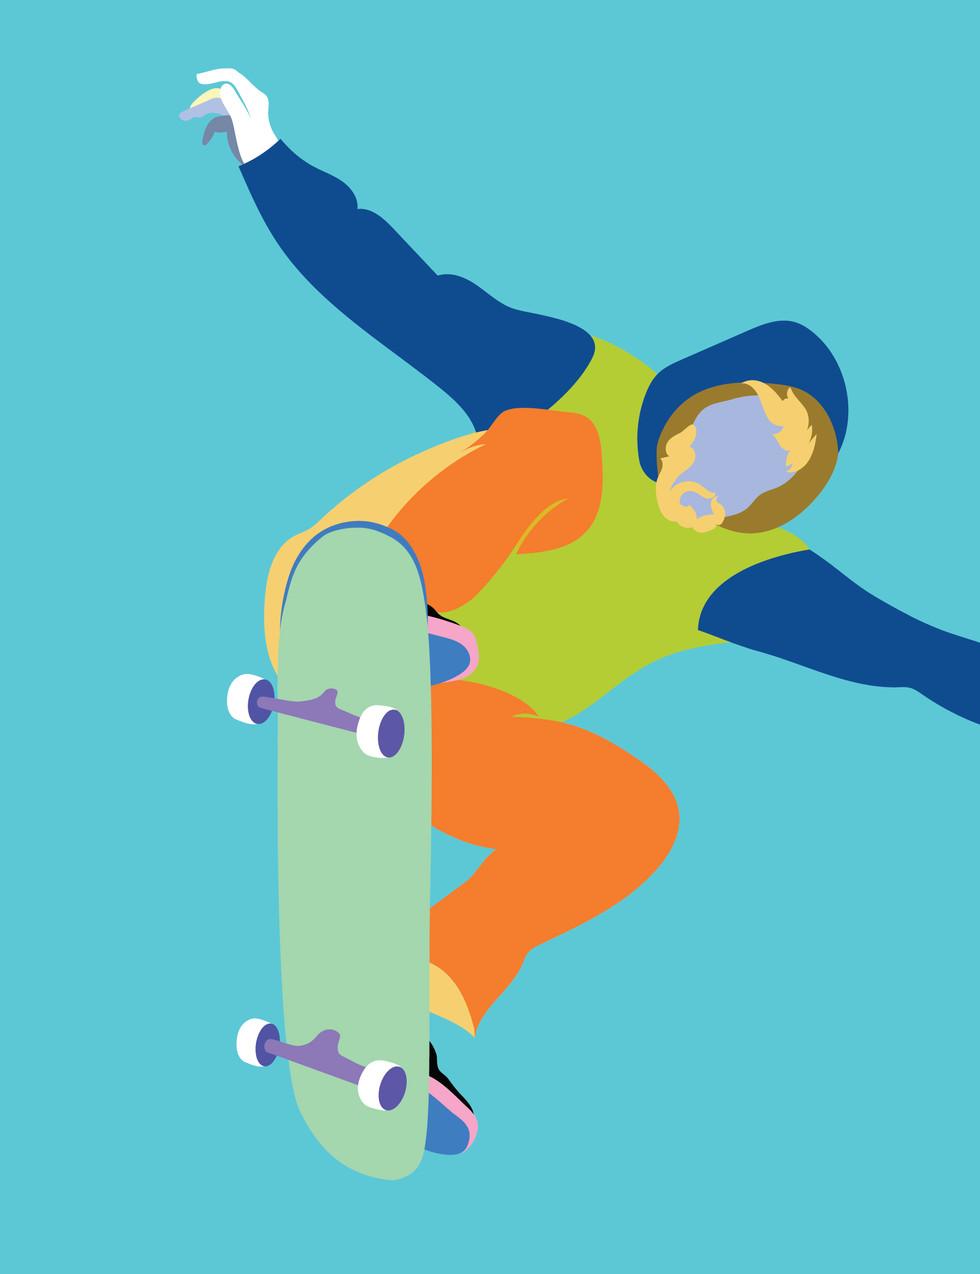 skate-3cc-blue-01.jpg